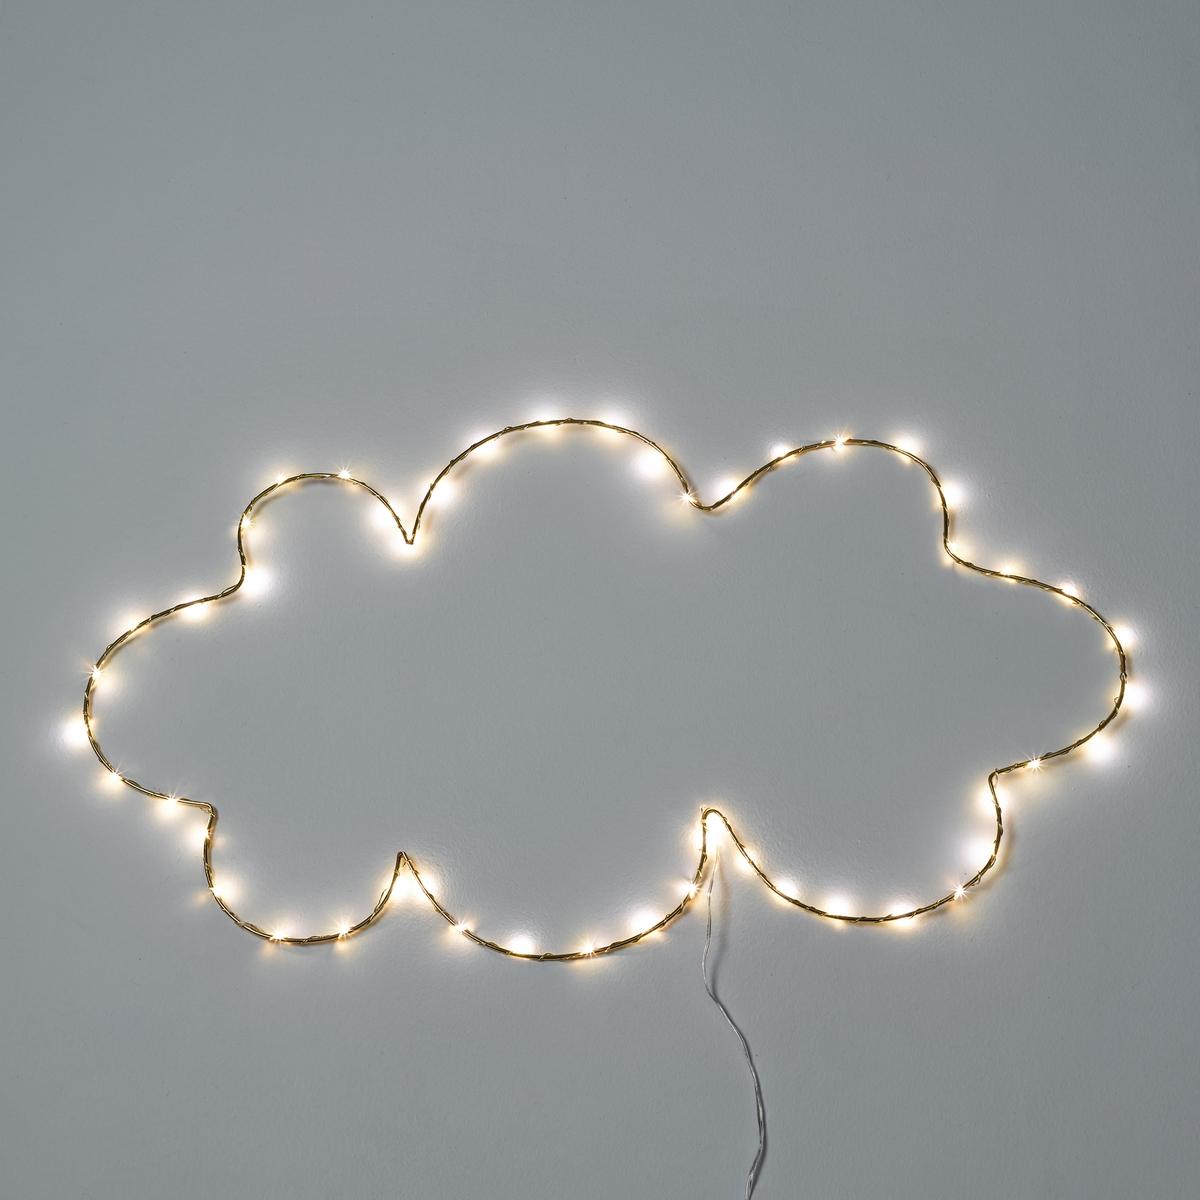 Светодиодный светильник в форме облака OmaraСветильник Omara. Светящаяся гирлянда в форме облака. Поэтичный и декоративный светильник понравится малышам.Характеристики :- 50 миниатюрных светодиодов, 3 В, на металлическом кабеле- Не нагревается- Несменные лампы- Поставляется с адаптером 220 В, длина провода 3 м. - Без выключателя   Размеры :- Ш.40 x В.70 x Г.0,5 см.<br><br>Цвет: латунь